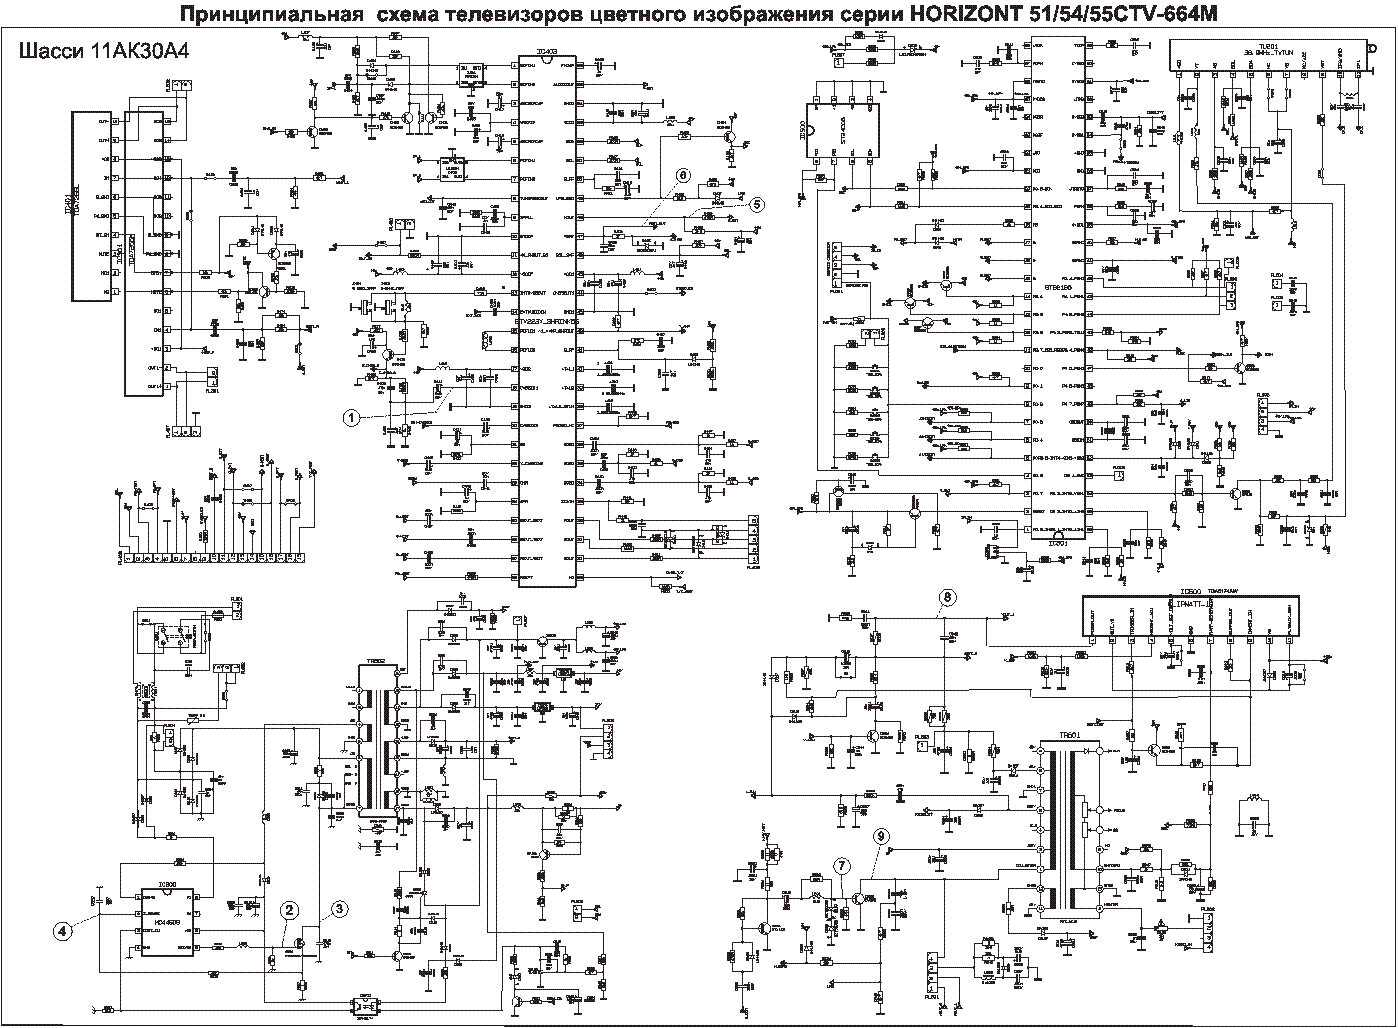 М схема stv 2018m4